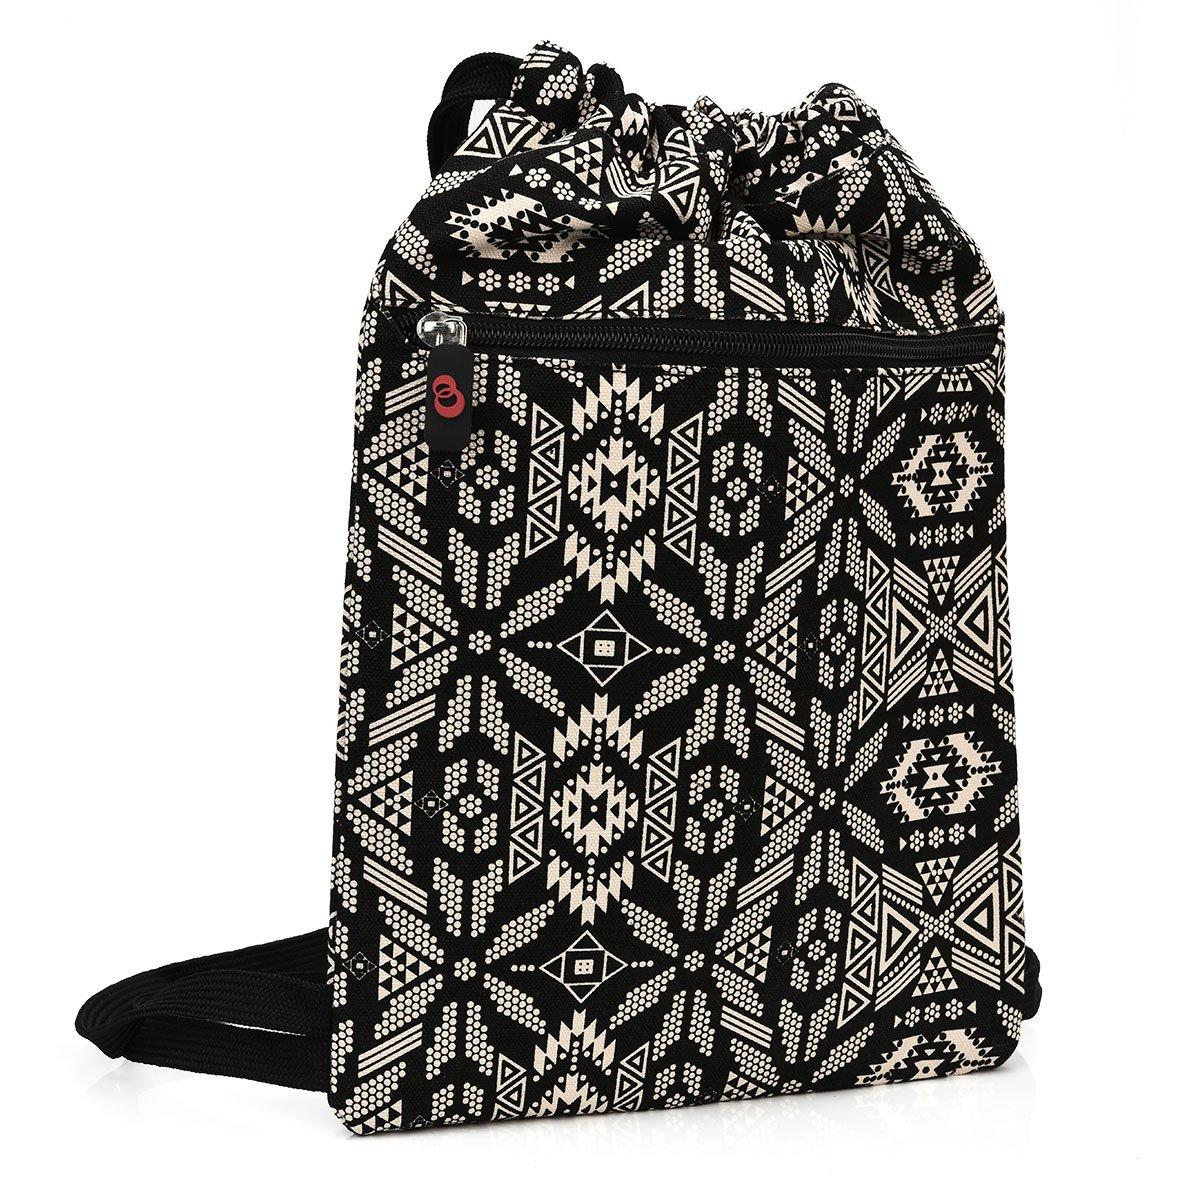 ボヘミアンバックパック巾着バッグトートケース[コンパクト/スモール]のジム、ハイキング、アウトドアExcursions :ブラックホワイトトライバル花: : nuvur153 ; B00VMTG5SO